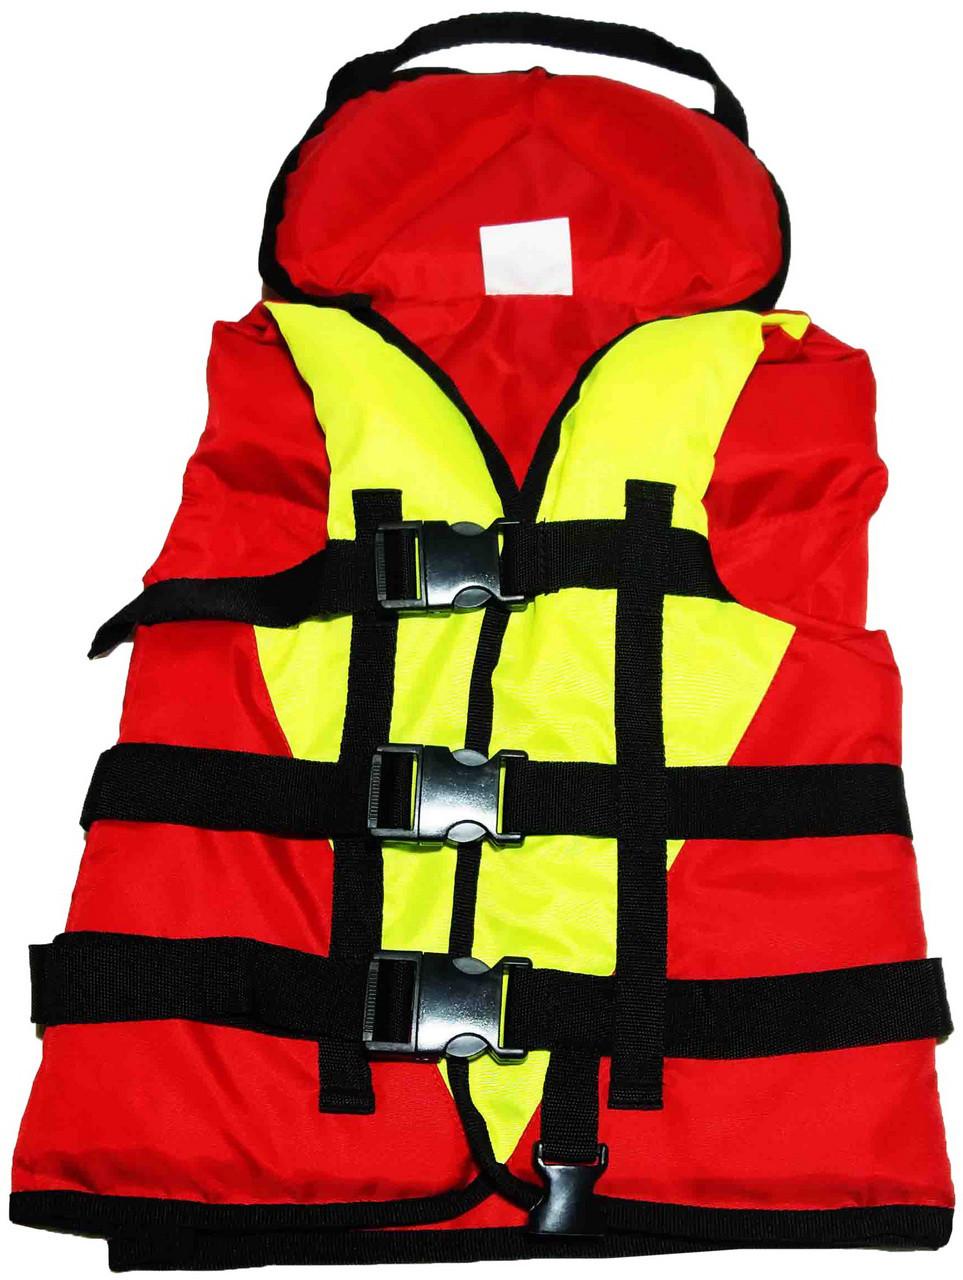 Страховочный жилет для плавания SZ-1030 (удерживаемый вес 10-30 кг)